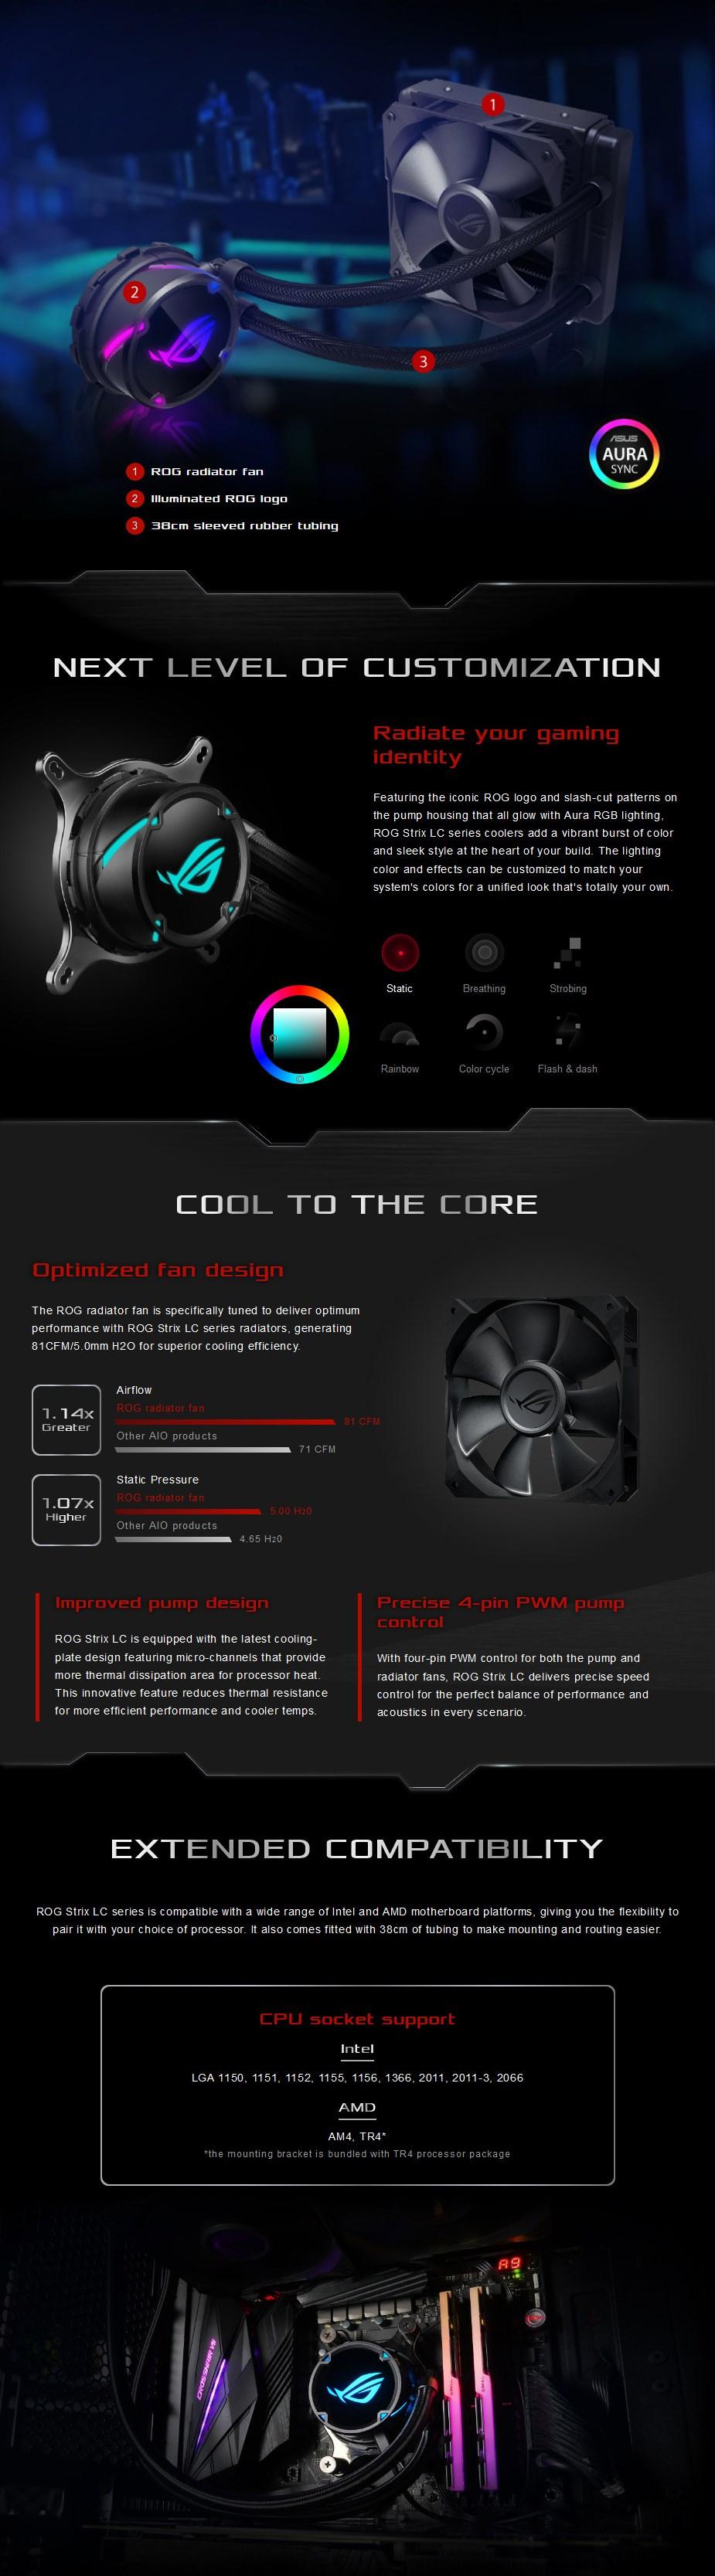 ASUS ROG Strix LC 120 RGB AiO Liquid CPU Cooler - Overview 1